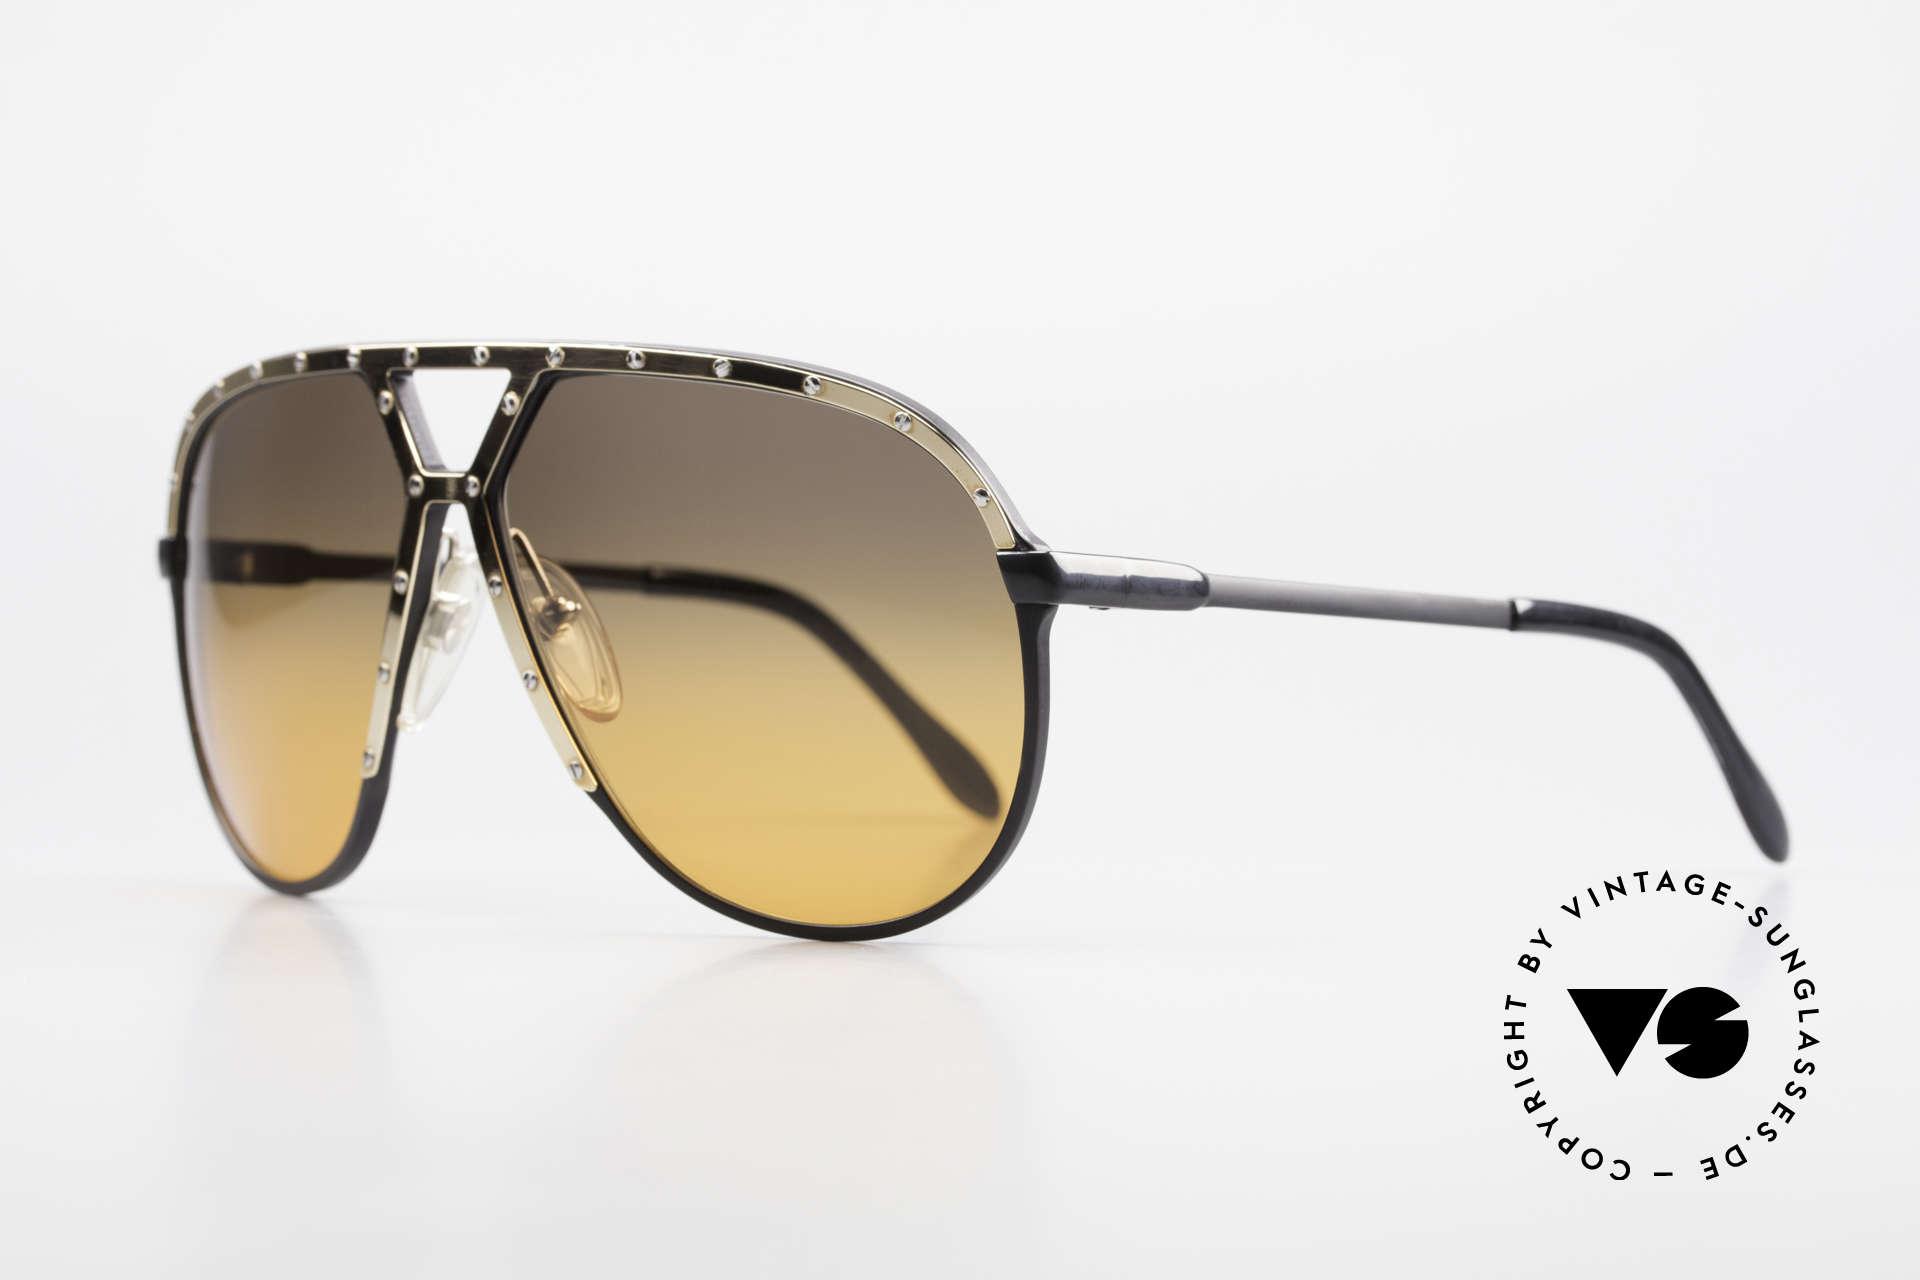 Alpina M1 80er XL Aviator Sonnenbrille, schwarze Fassung mit vergoldeter Blende & Bügel, Passend für Herren